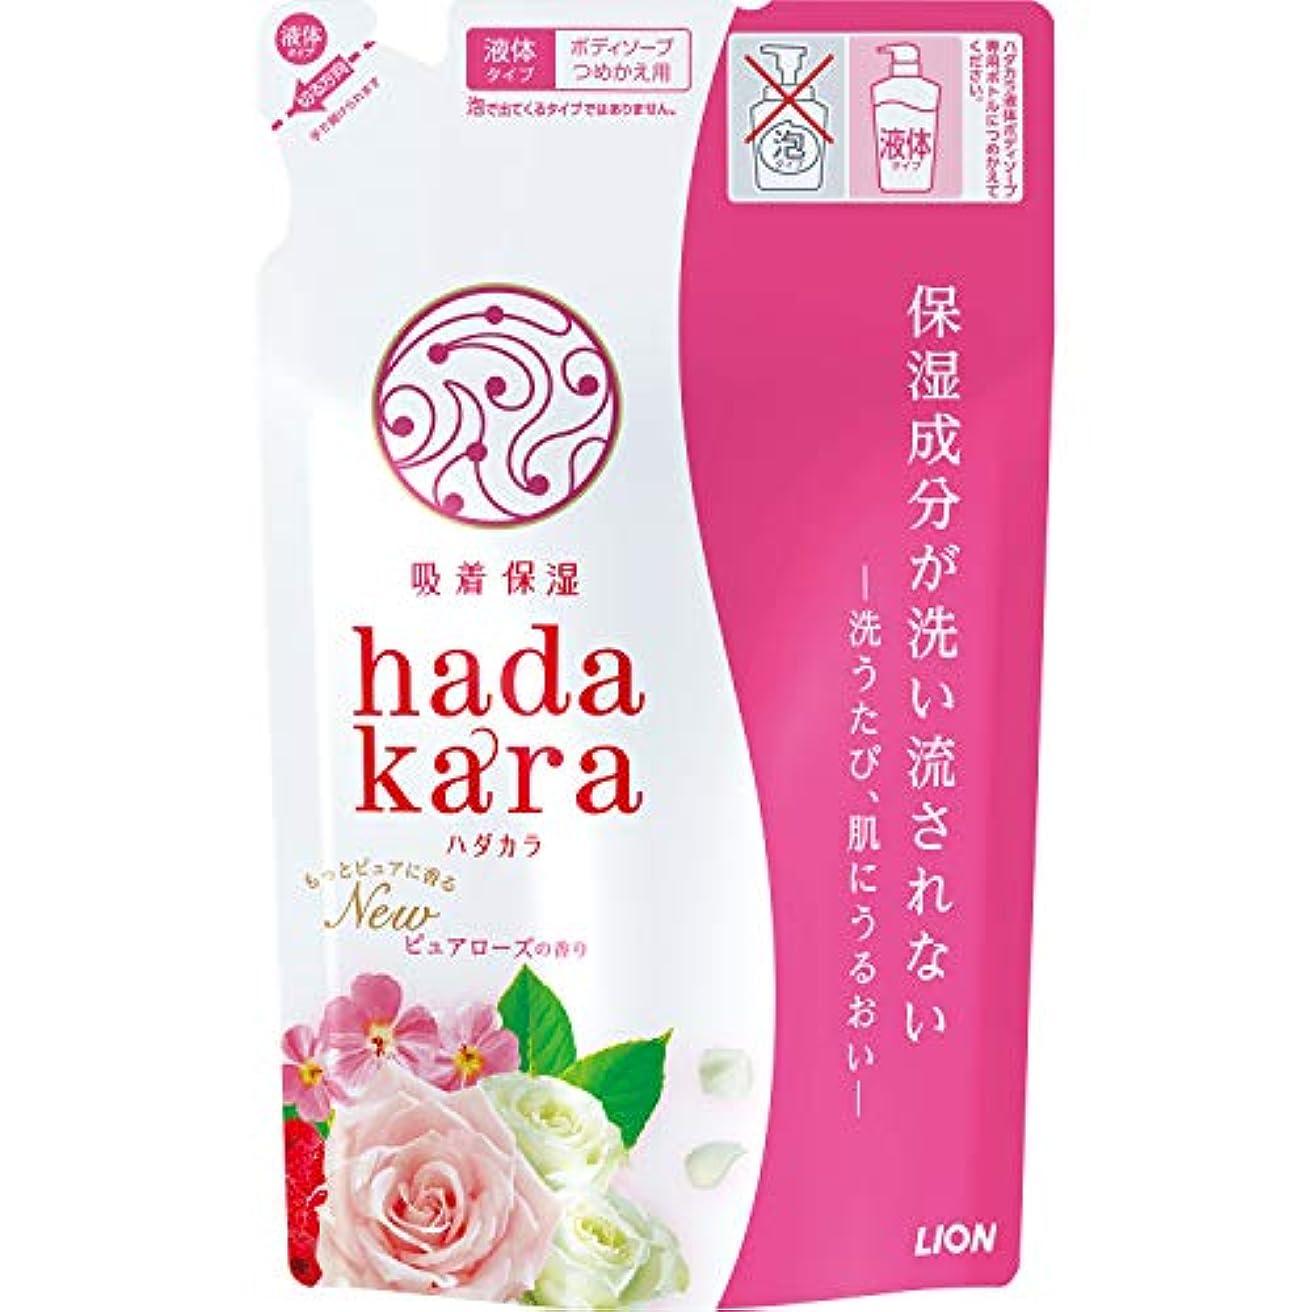 美容師失望させる最後のhadakara(ハダカラ) ボディソープ ピュアローズの香り 詰め替え 360ml